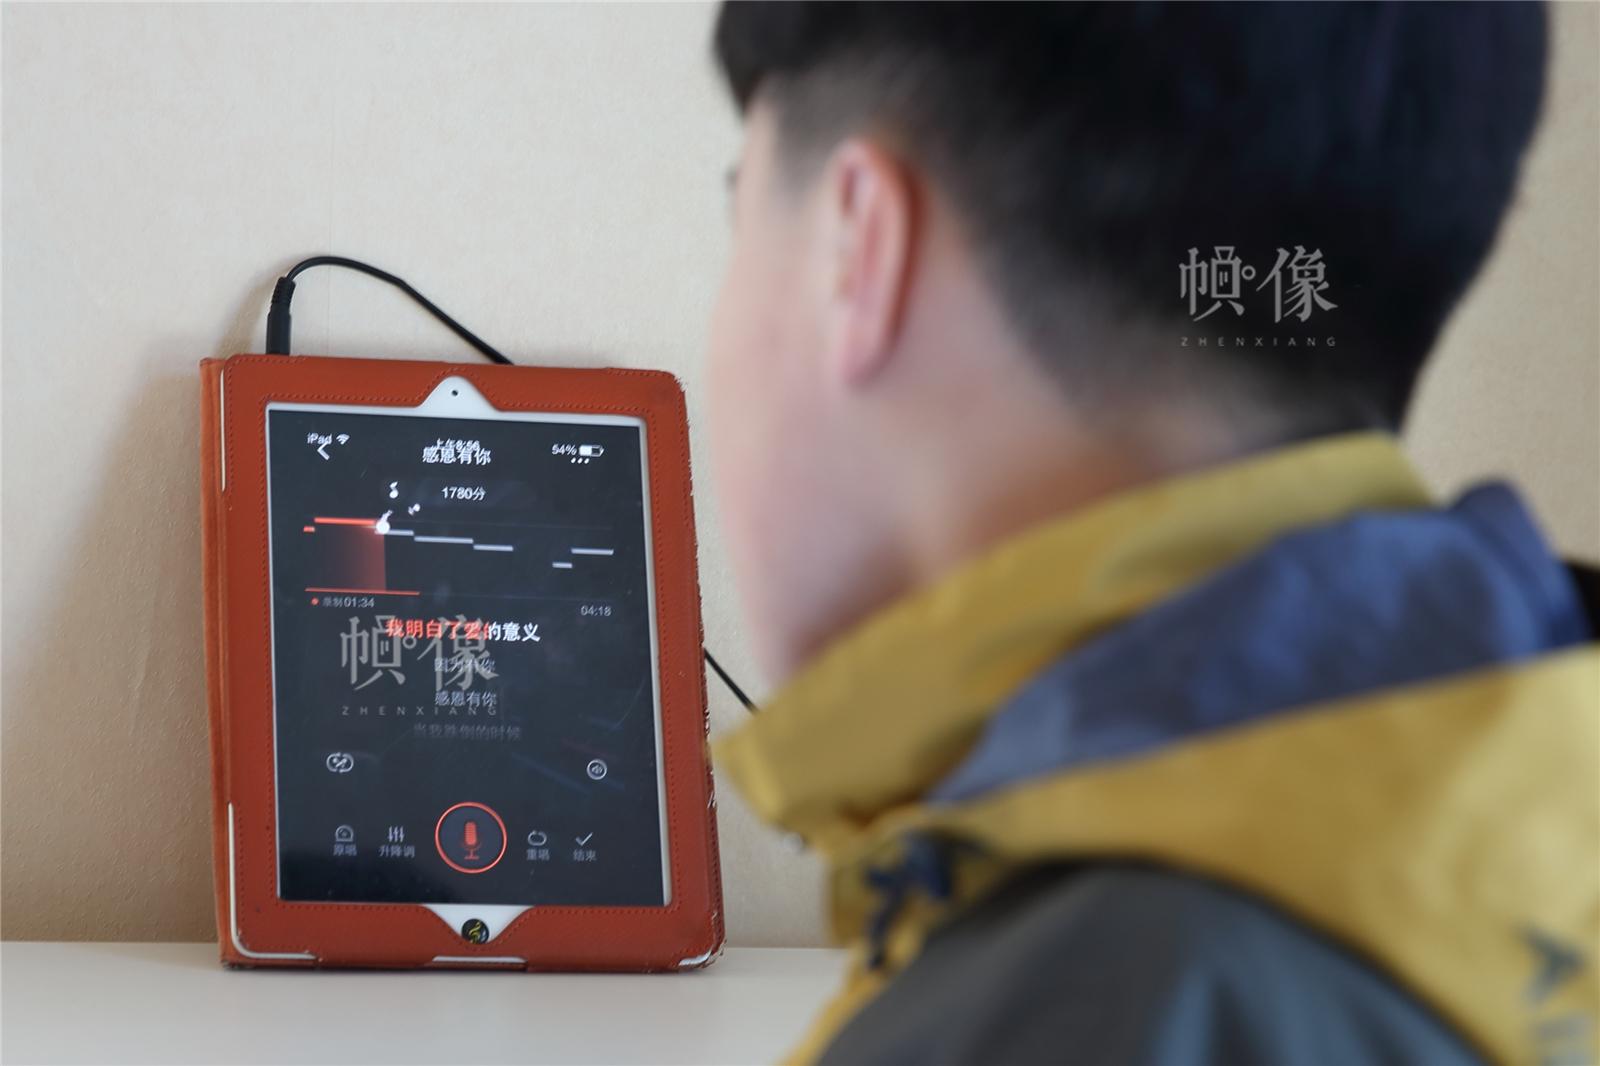 2017年3月27日,北京星星雨教育研究所,14歲的自閉症孩子旭旭在唱《感恩有你》。中國網記者陳維松 攝